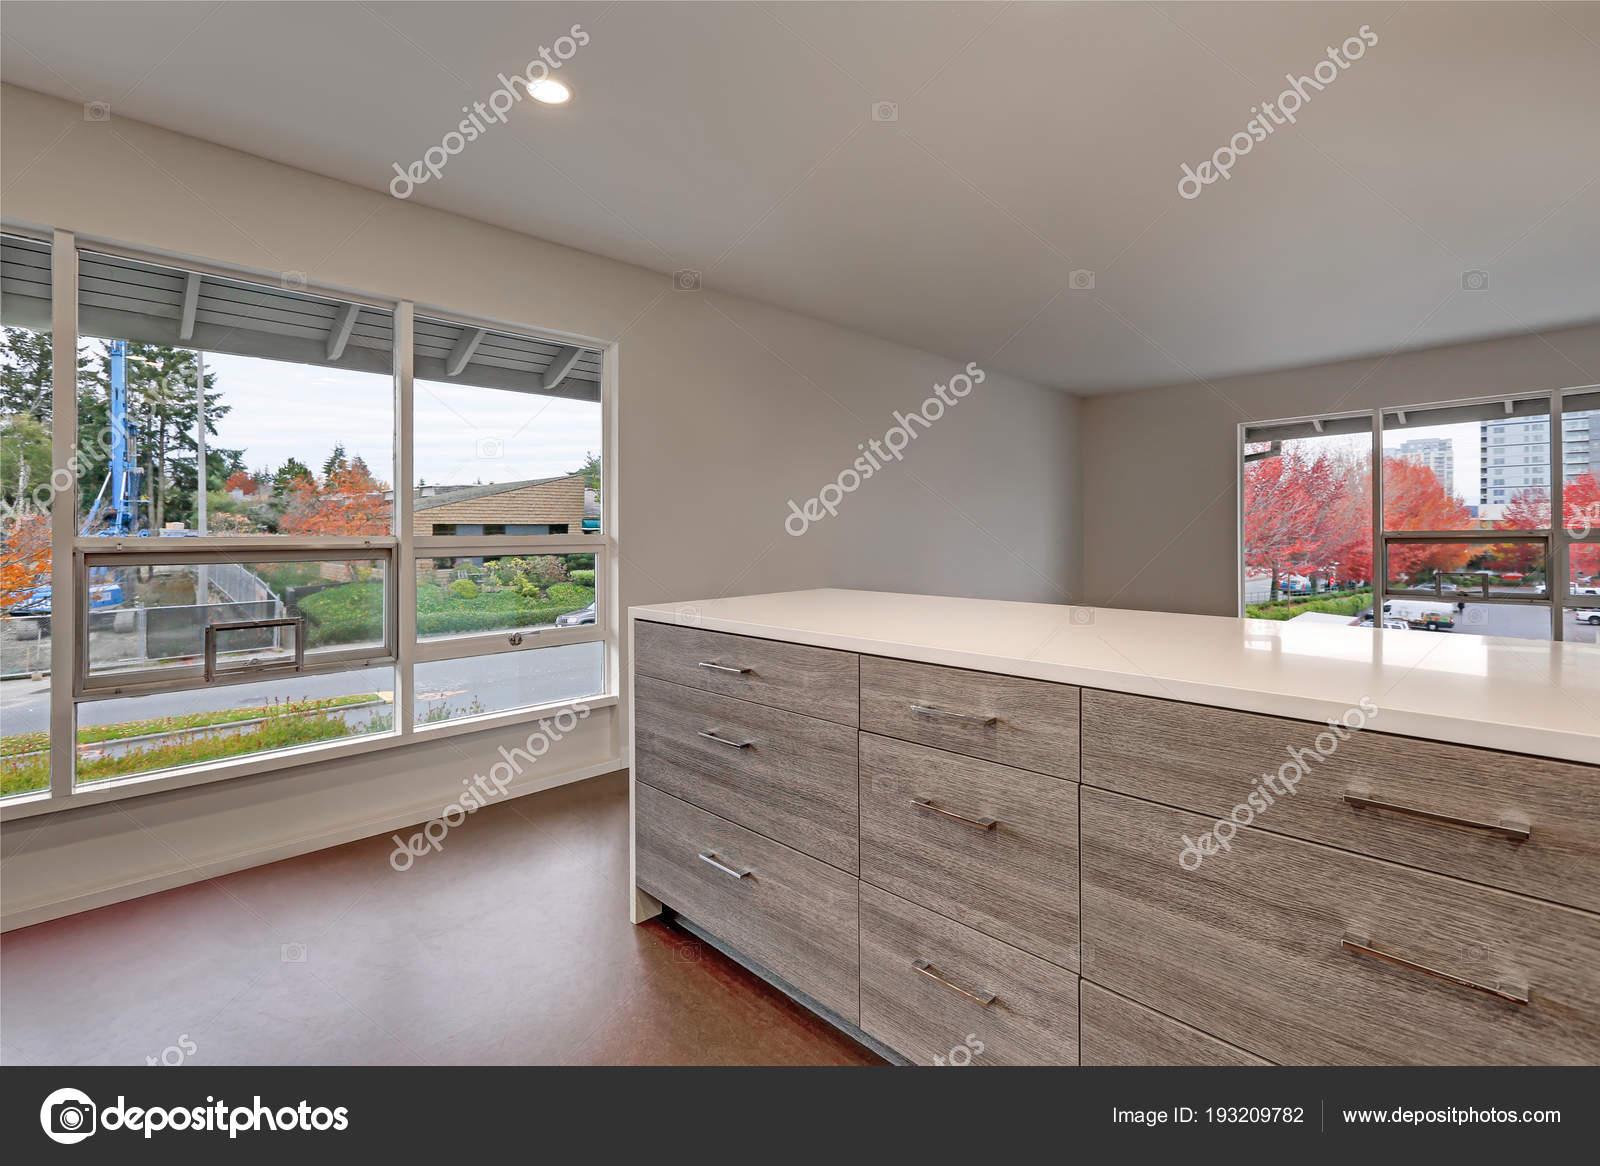 Neue moderne Wohnung Interieur mit grau gestrichenen Wänden ...